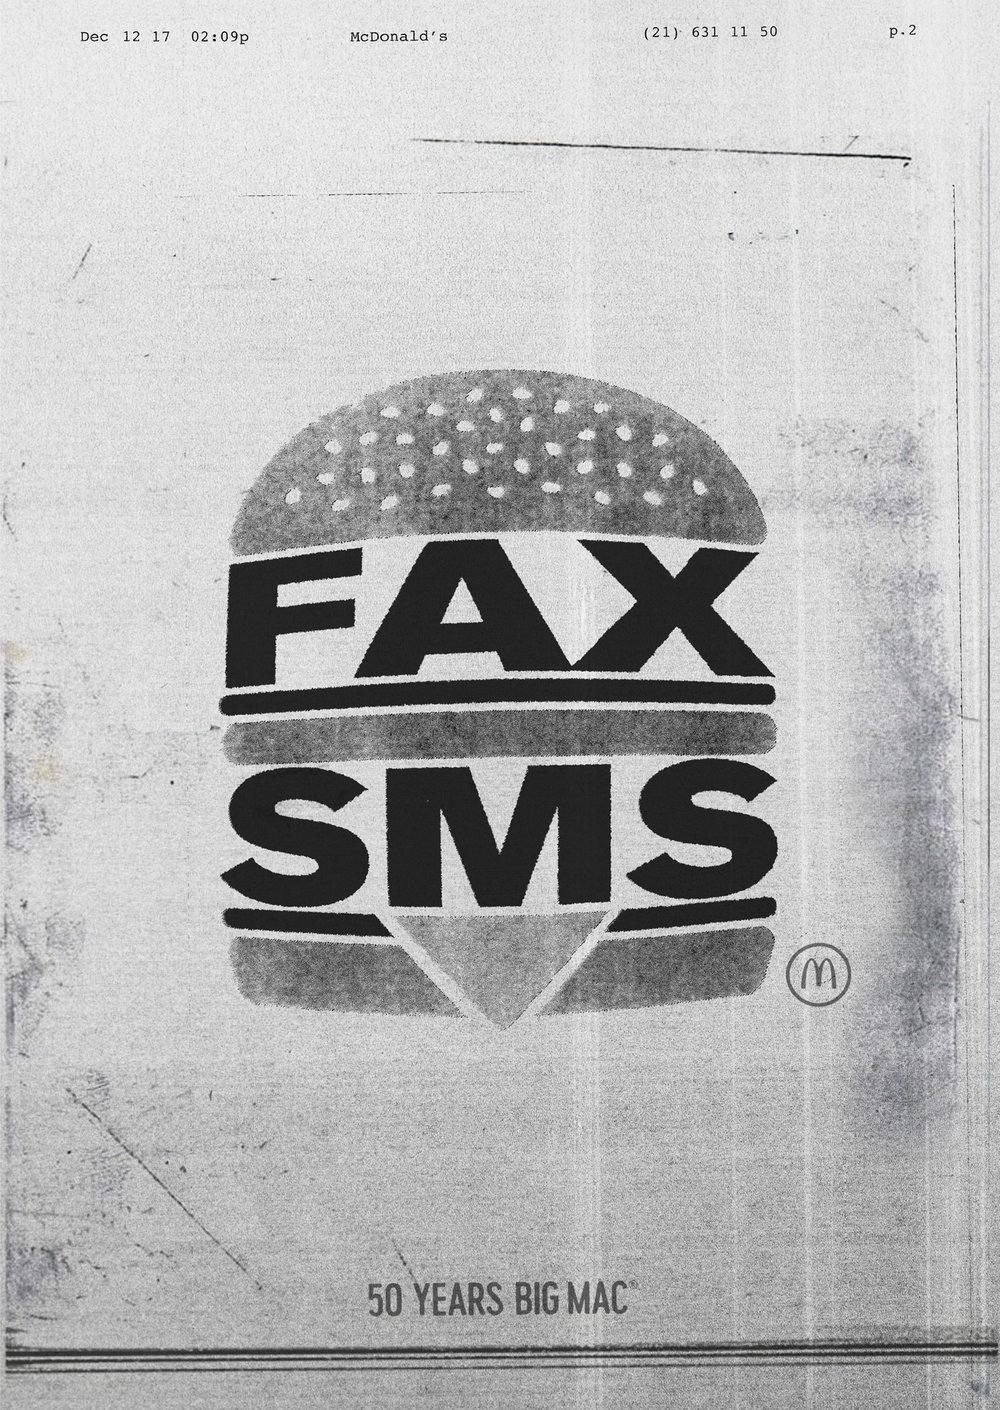 20_Fax_SMS.jpg